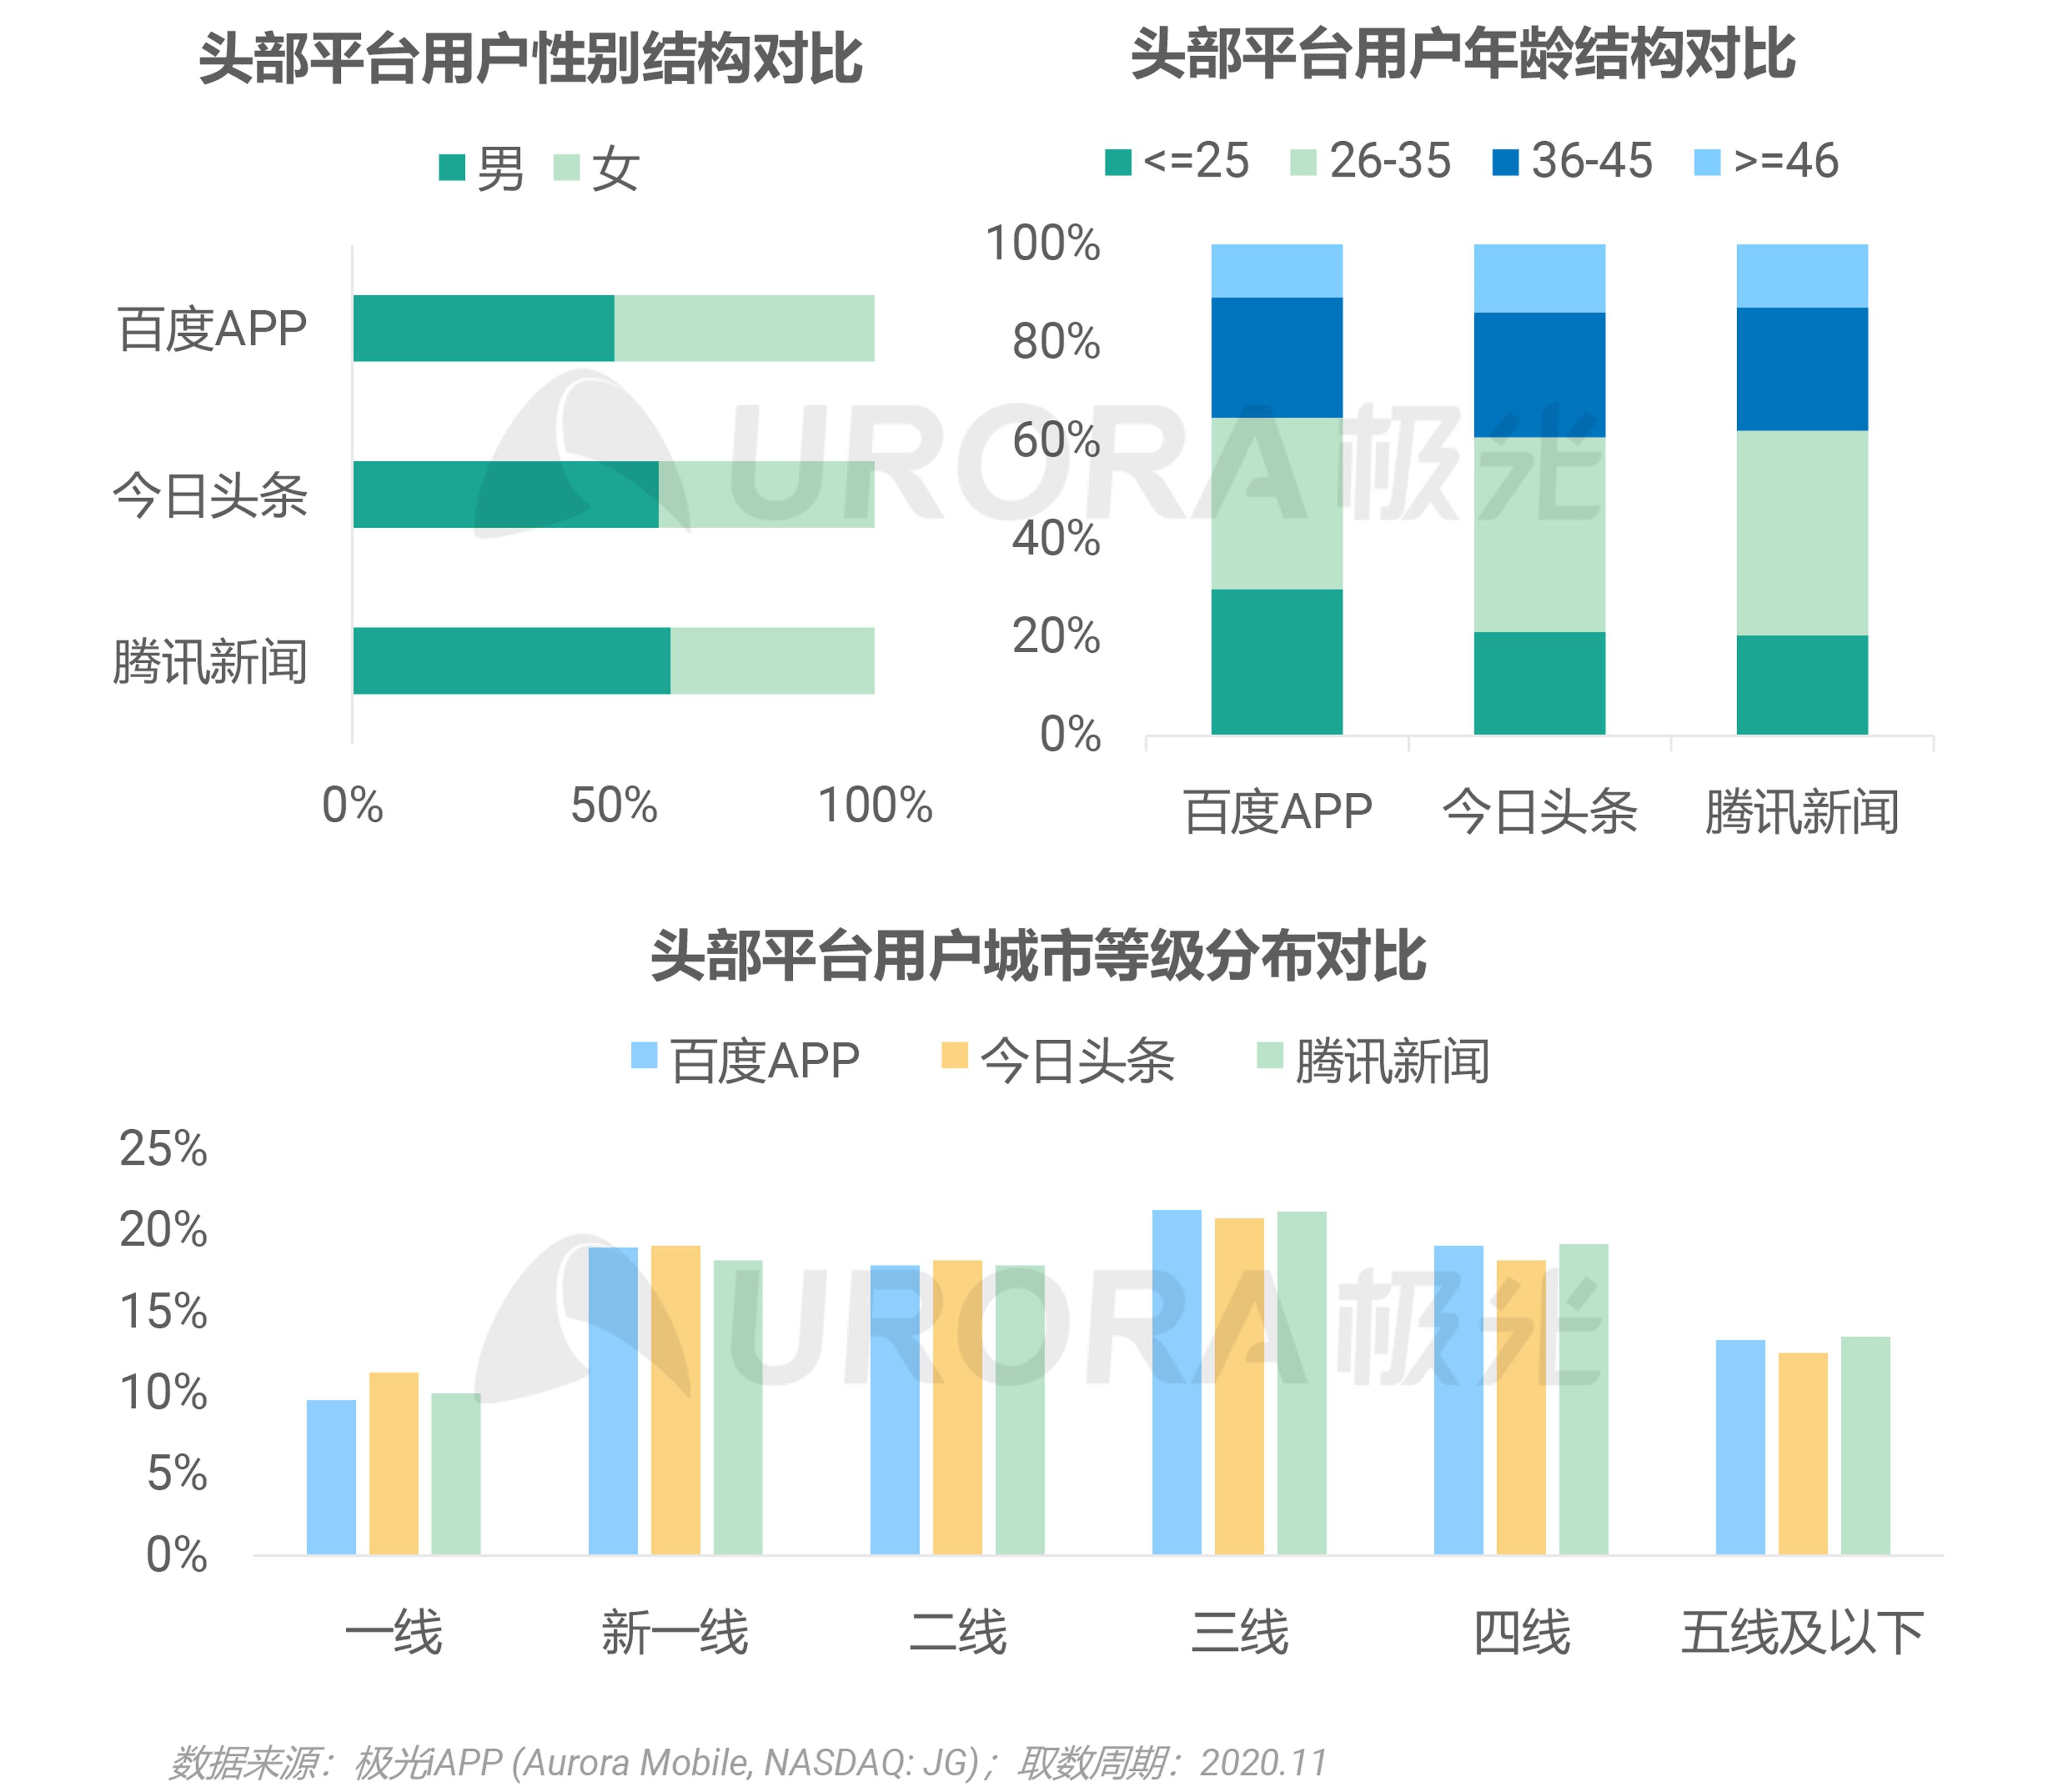 极光:2020年新资讯行业年度盘点报告 (17).png